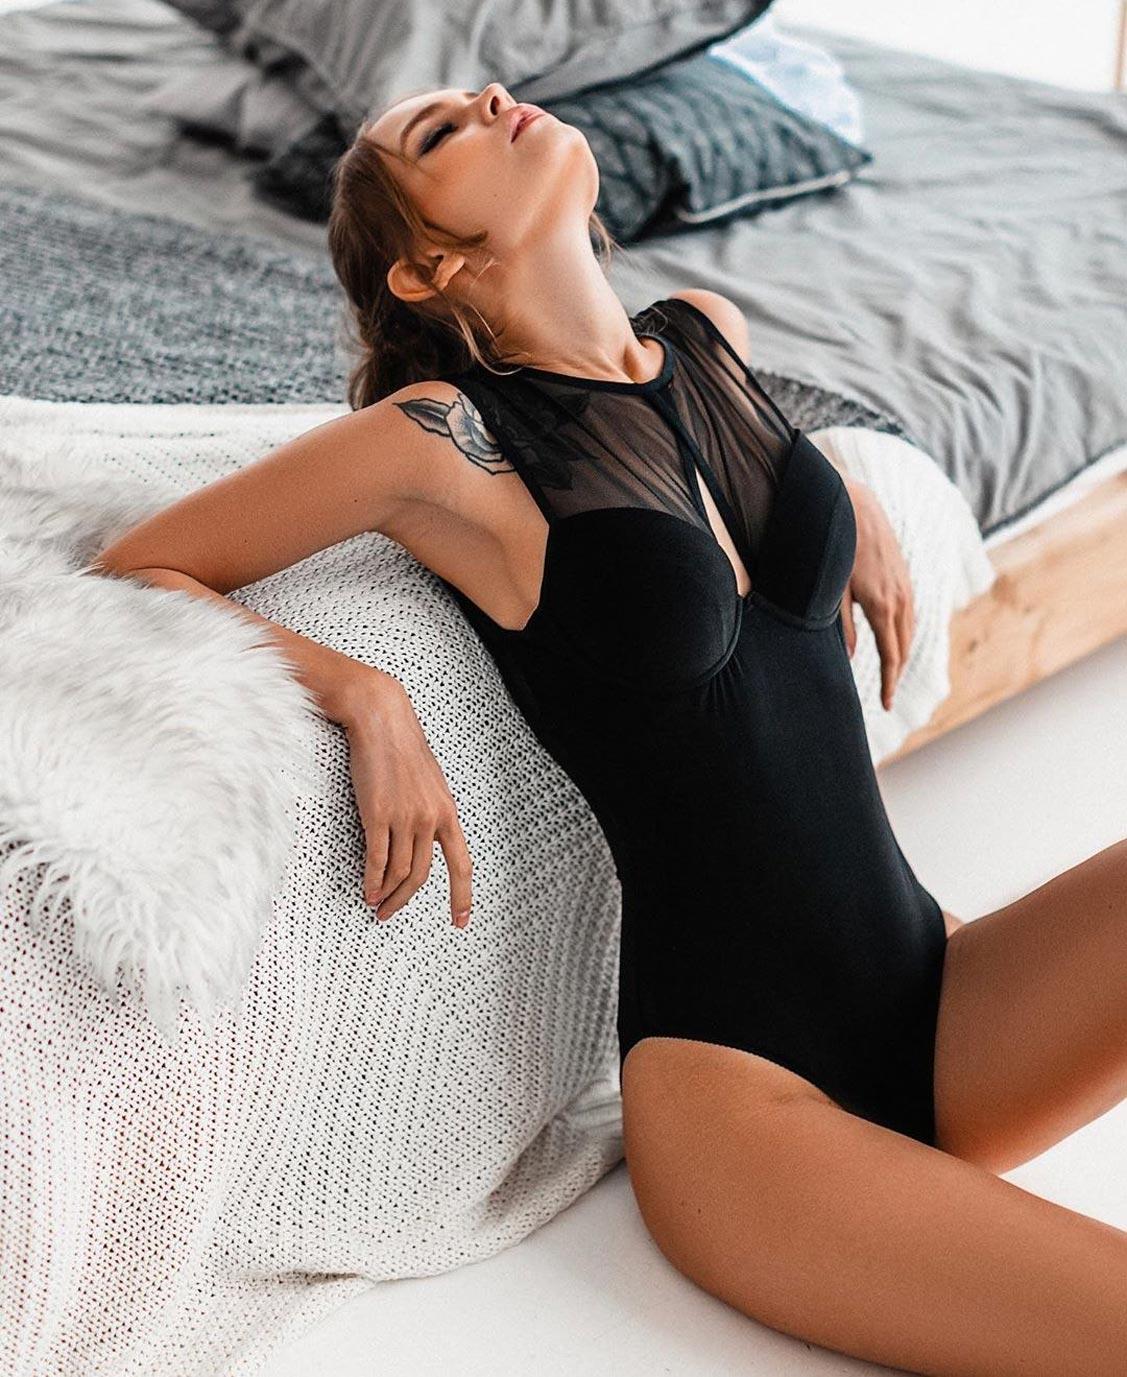 Анастасия Щеглова в нижнем белье торговой марки MissX / фото 42